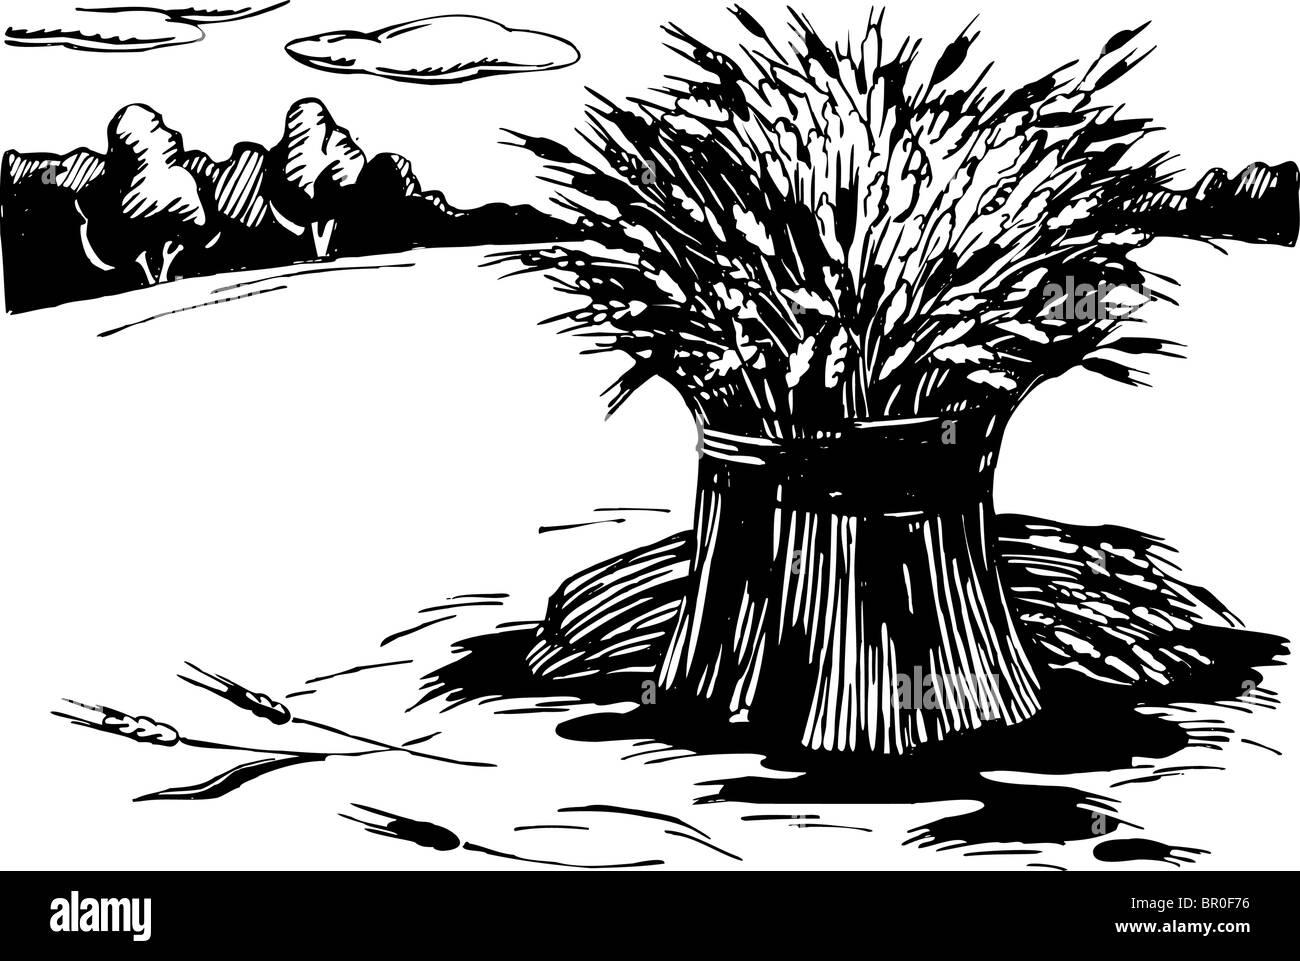 Una ilustración en blanco y negro de haces de trigo en el campo Imagen De Stock